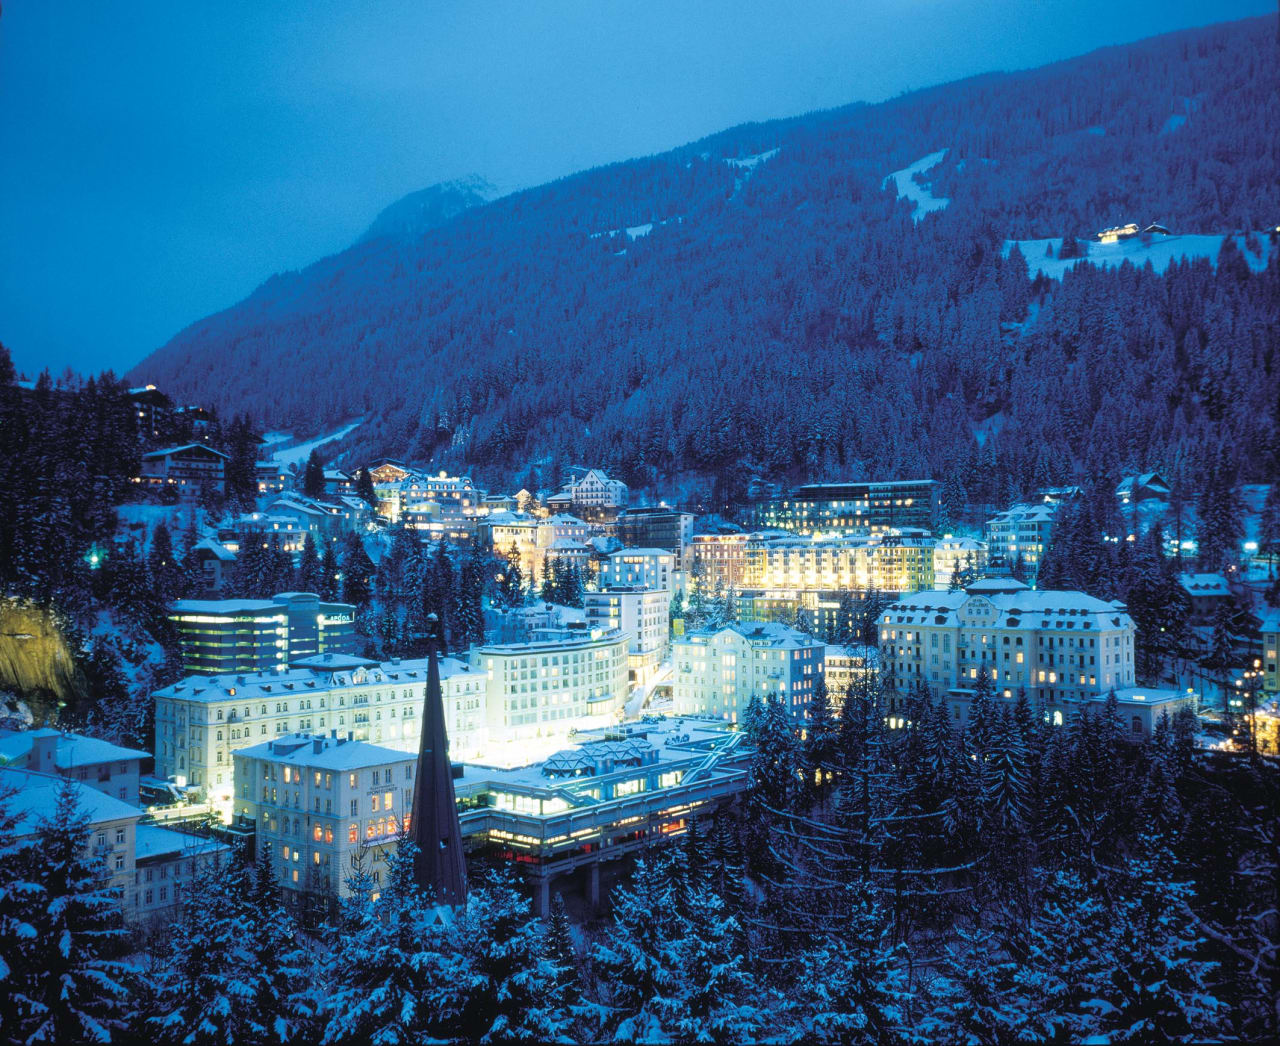 POPULÆR VINTERFAVORITT: 5000 nordmenn reiser årlig til Bad Gastein bare med STS, og er det mest populære alpemålet for skandinaviske skiturister. Foto: Christian Nerdrum